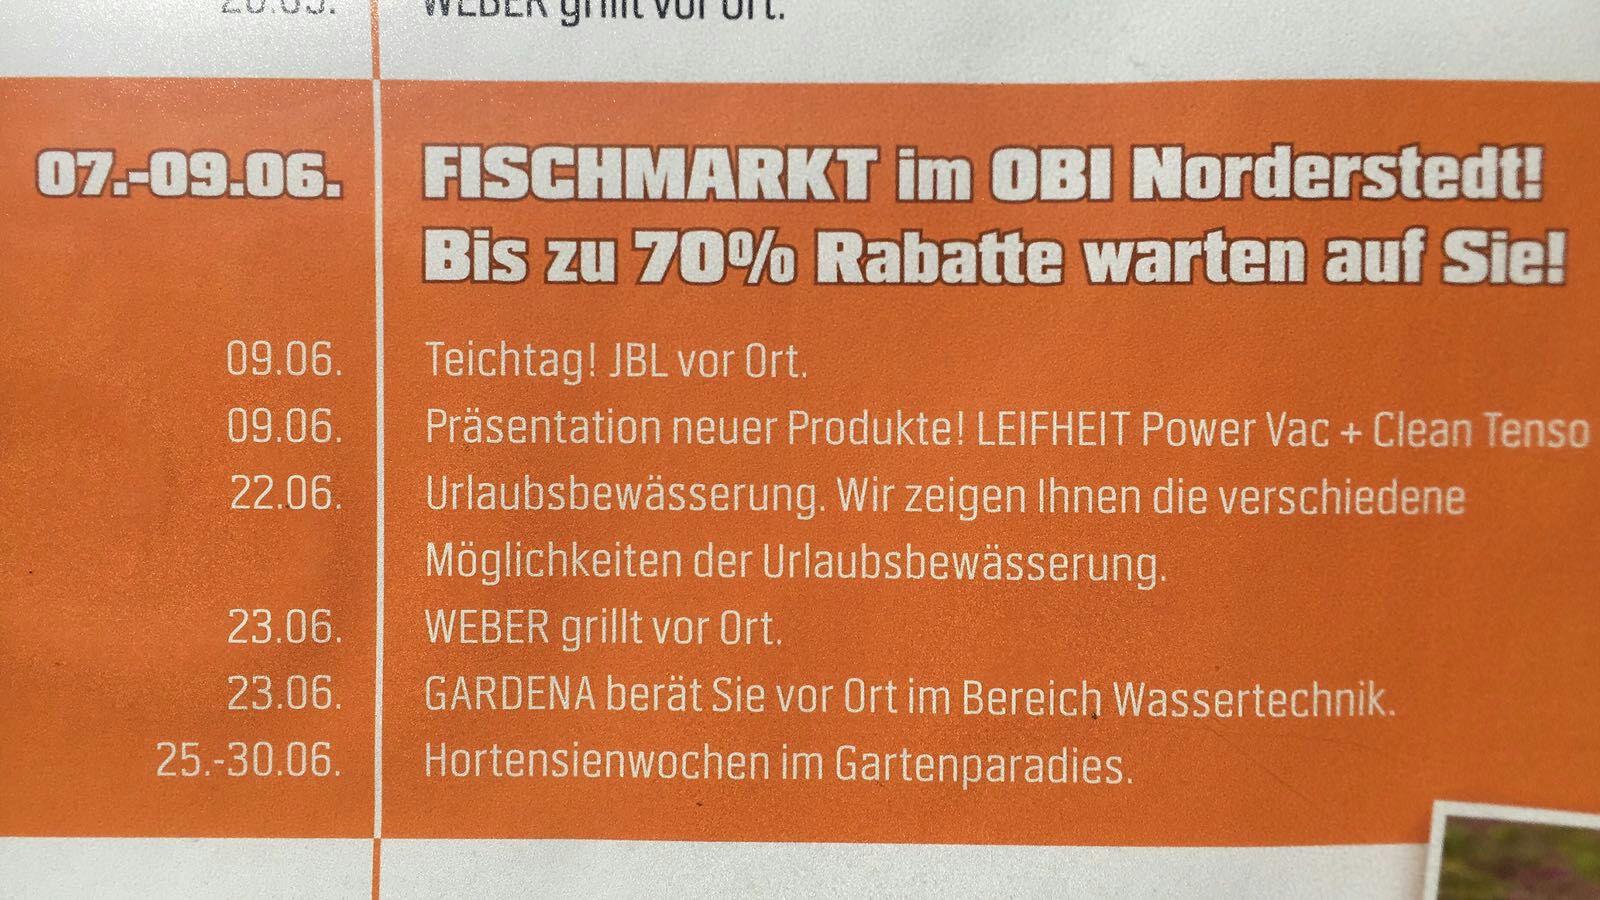 [LOKAL] Norderstedt Fischmarkt bei OBI und Plambeck